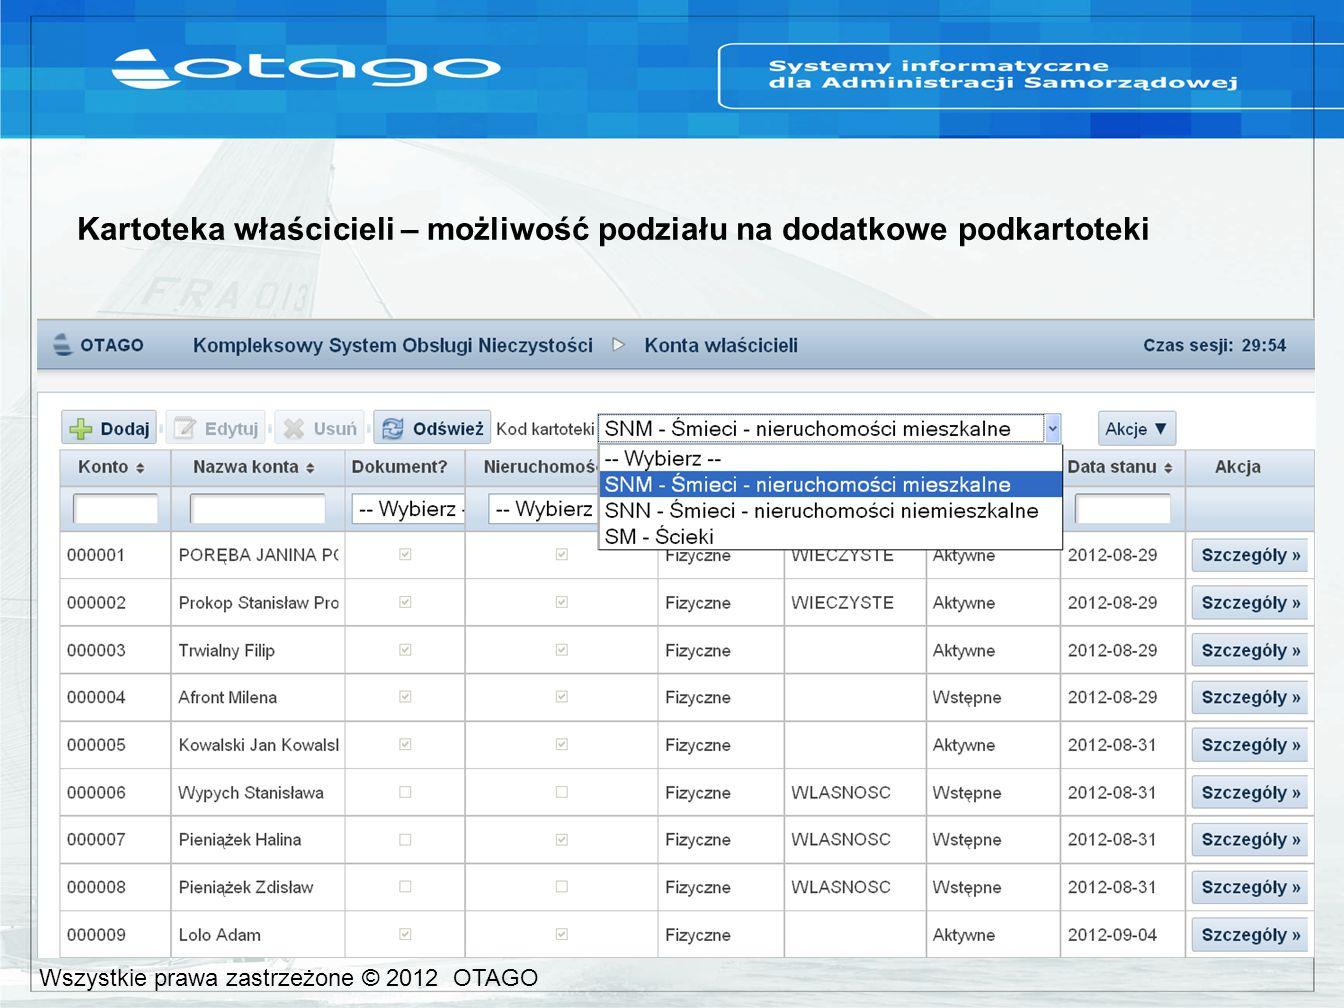 Kartoteka właścicieli – możliwość podziału na dodatkowe podkartoteki Wszystkie prawa zastrzeżone © 2012 OTAGO